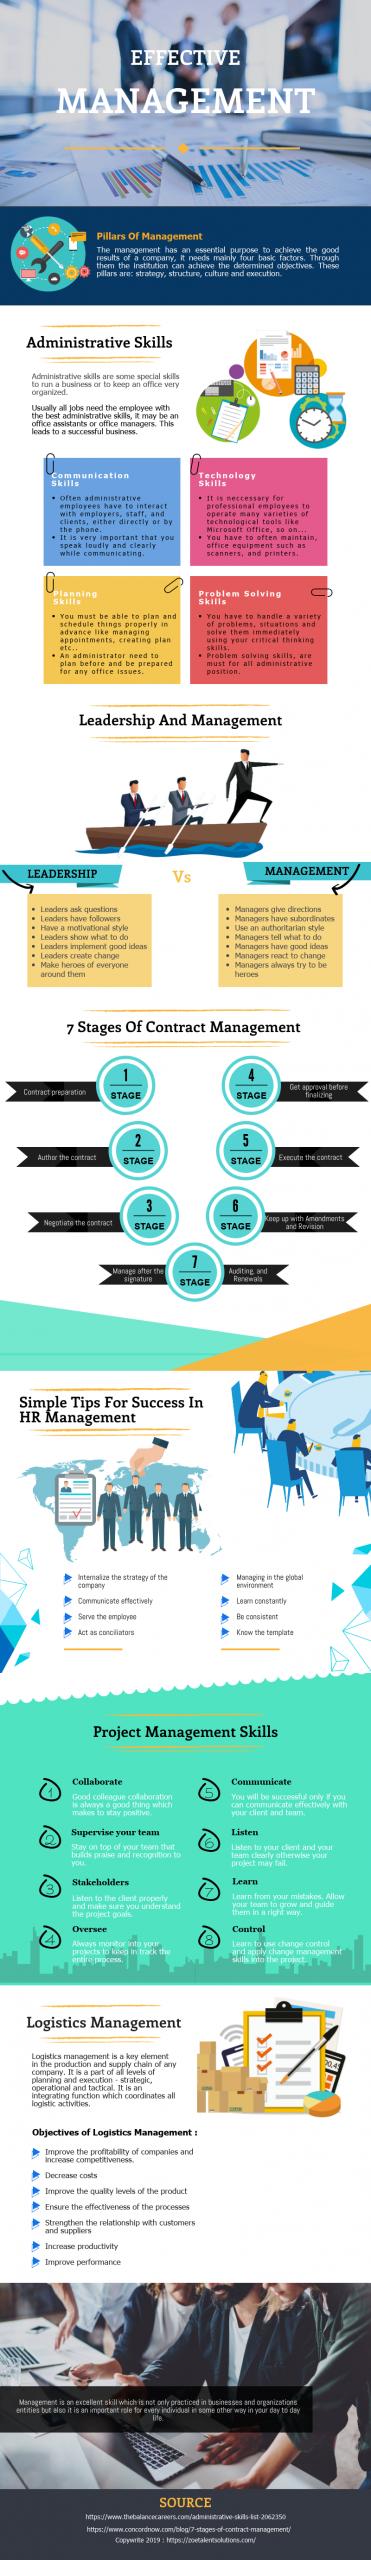 Effective Management 1